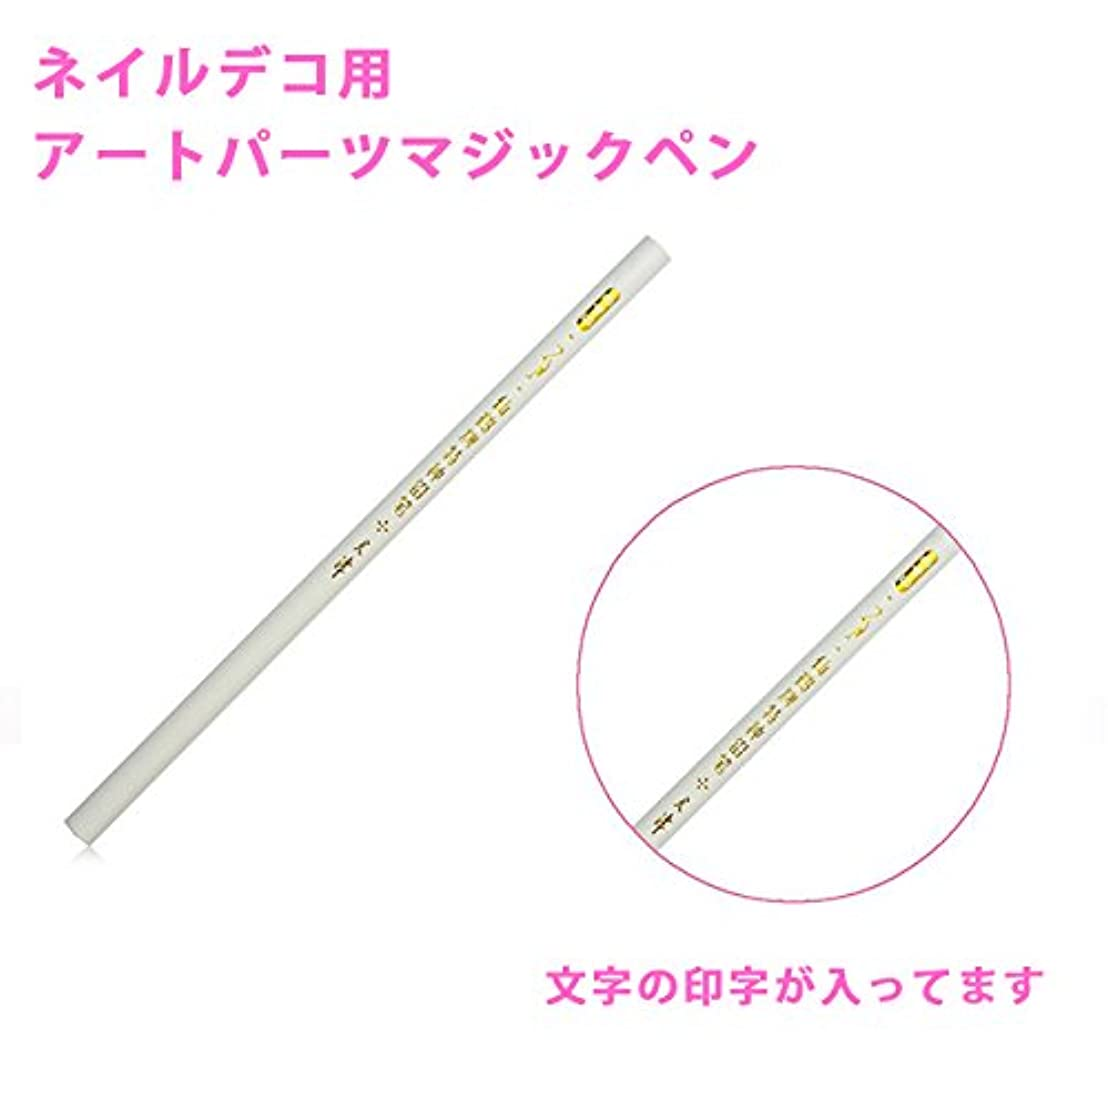 パーフェルビッド強化するネイルデコ用アートパーツマジックペン